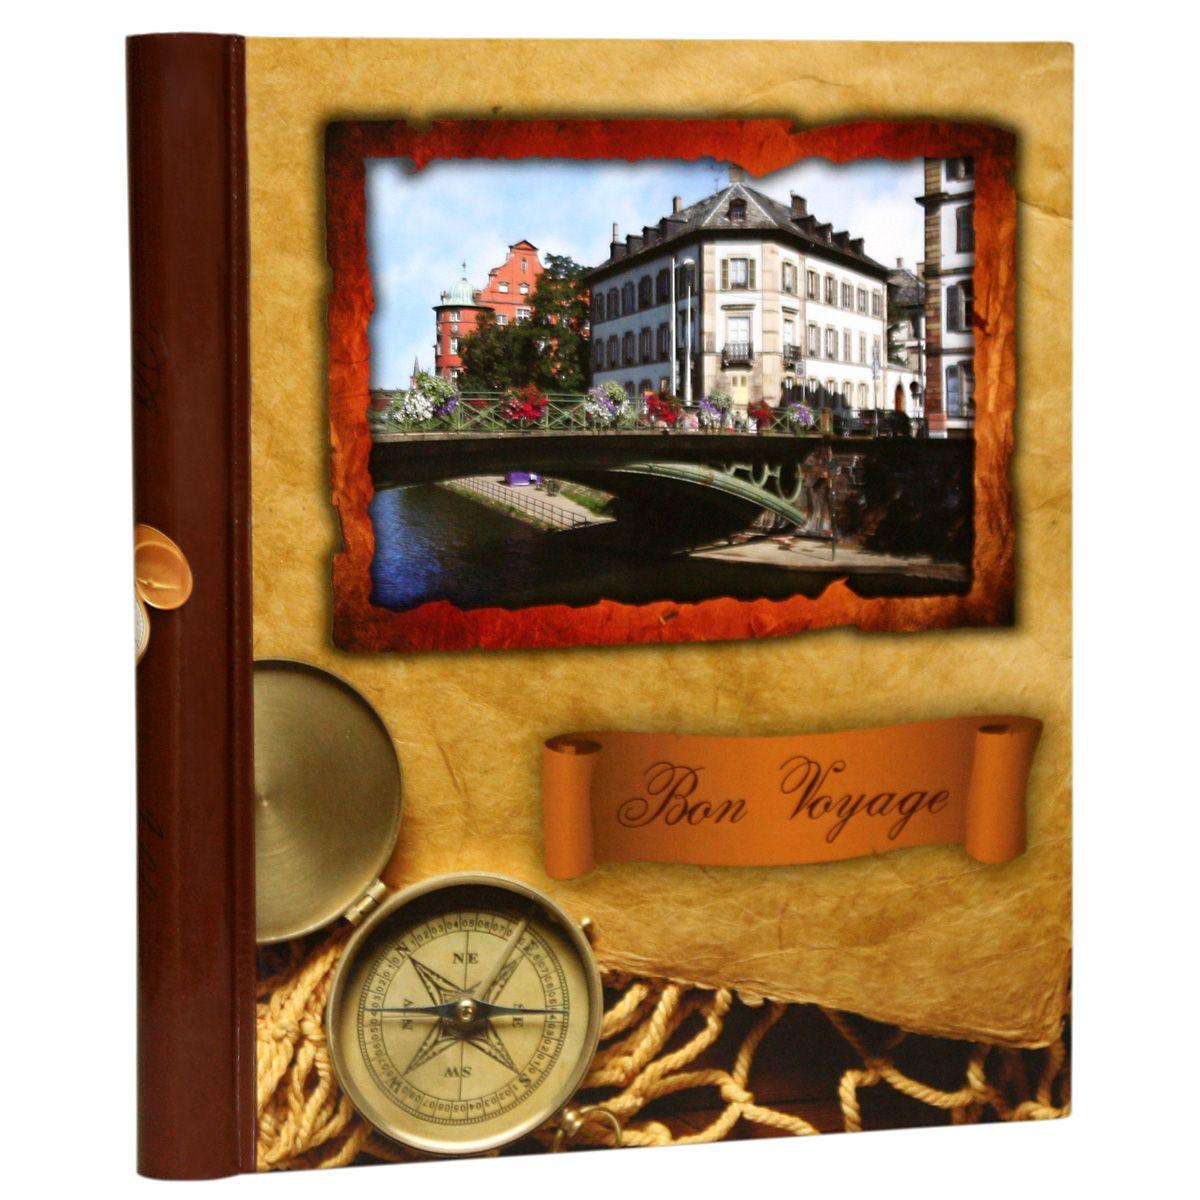 Фотоальбом Pioneer Bon Voyage, 10 магнитных листов, цвет: коричневый, 23 х 28 см фотоальбом pioneer stretch of imagination цвет синий 500 фото 10 х 15 см